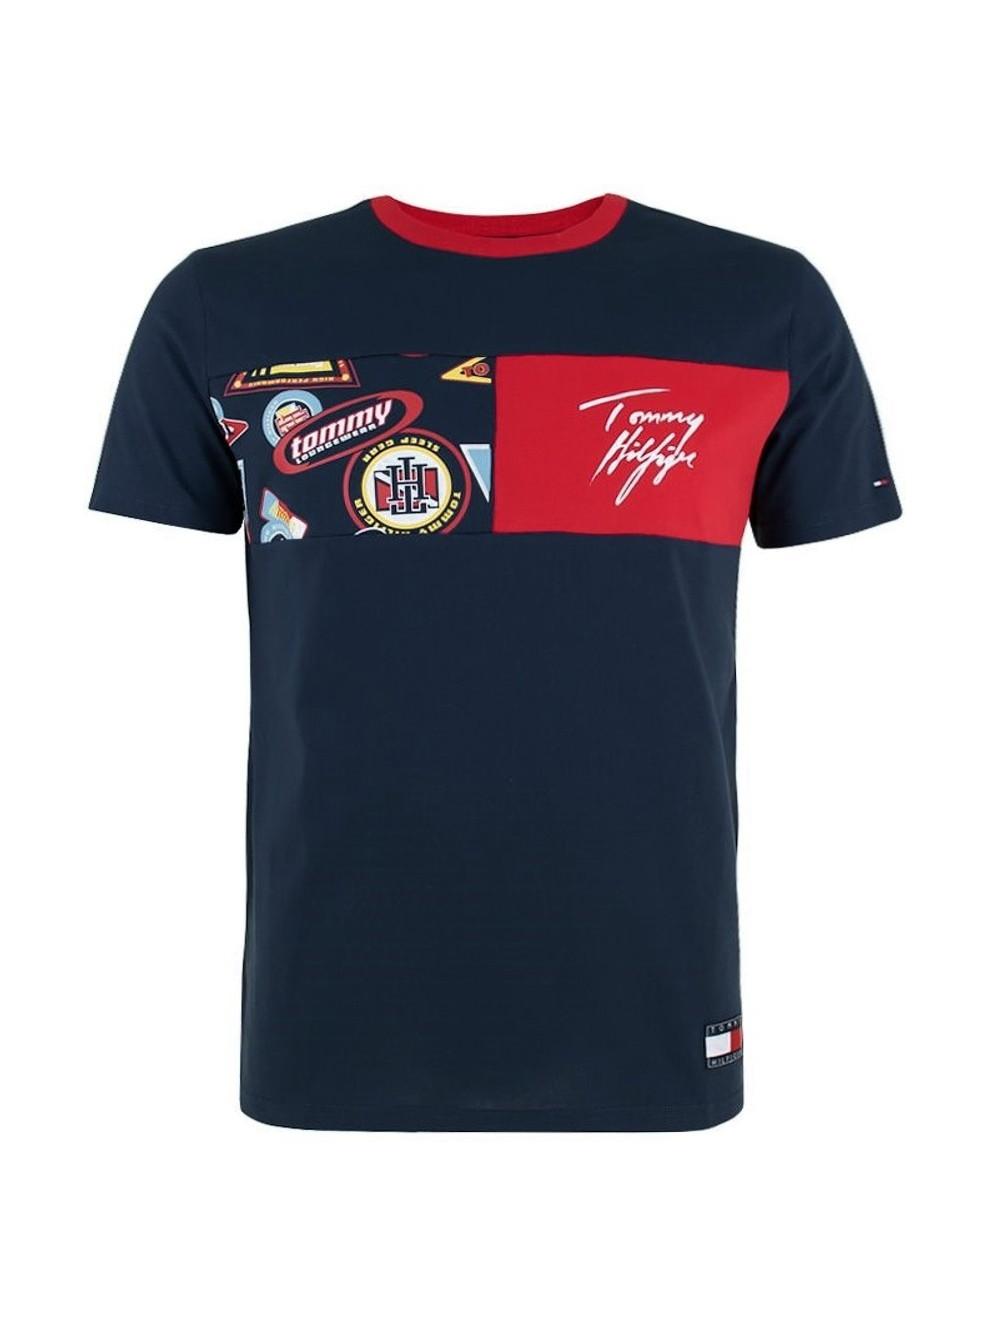 Pánské tričko Tommy Hilfiger CN SS Tee Print modré